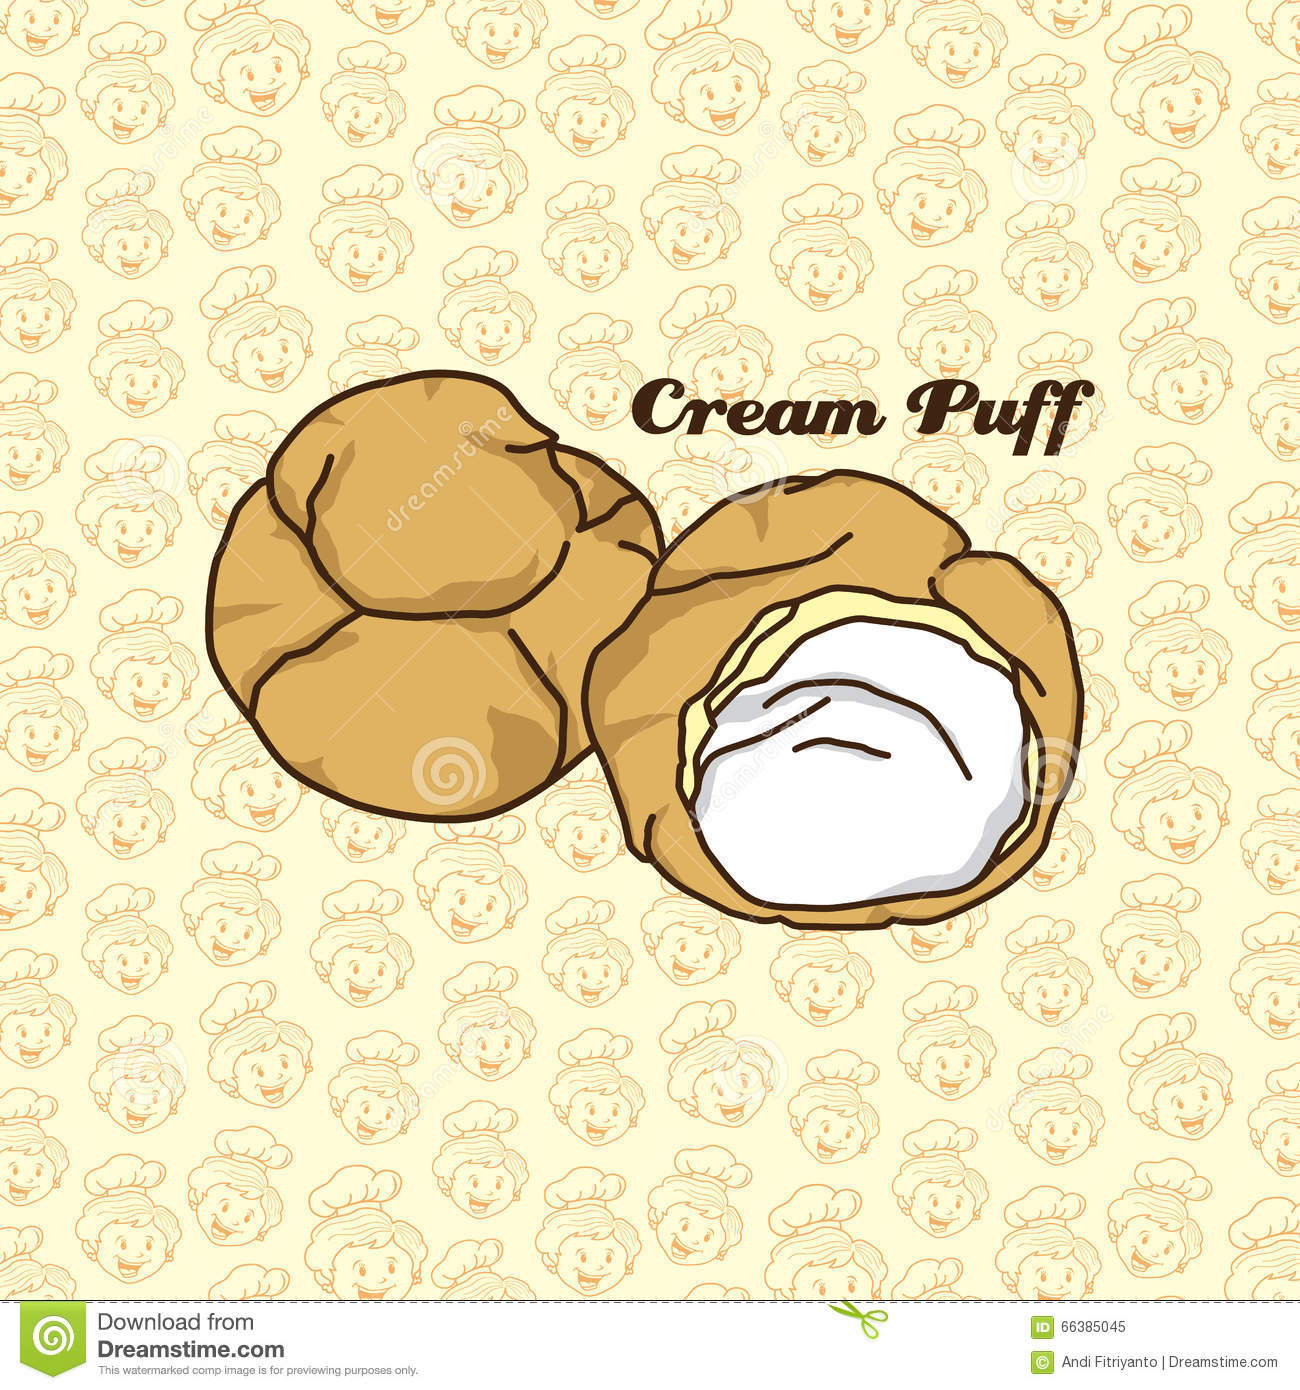 Cream Puff Stock Illustrations.